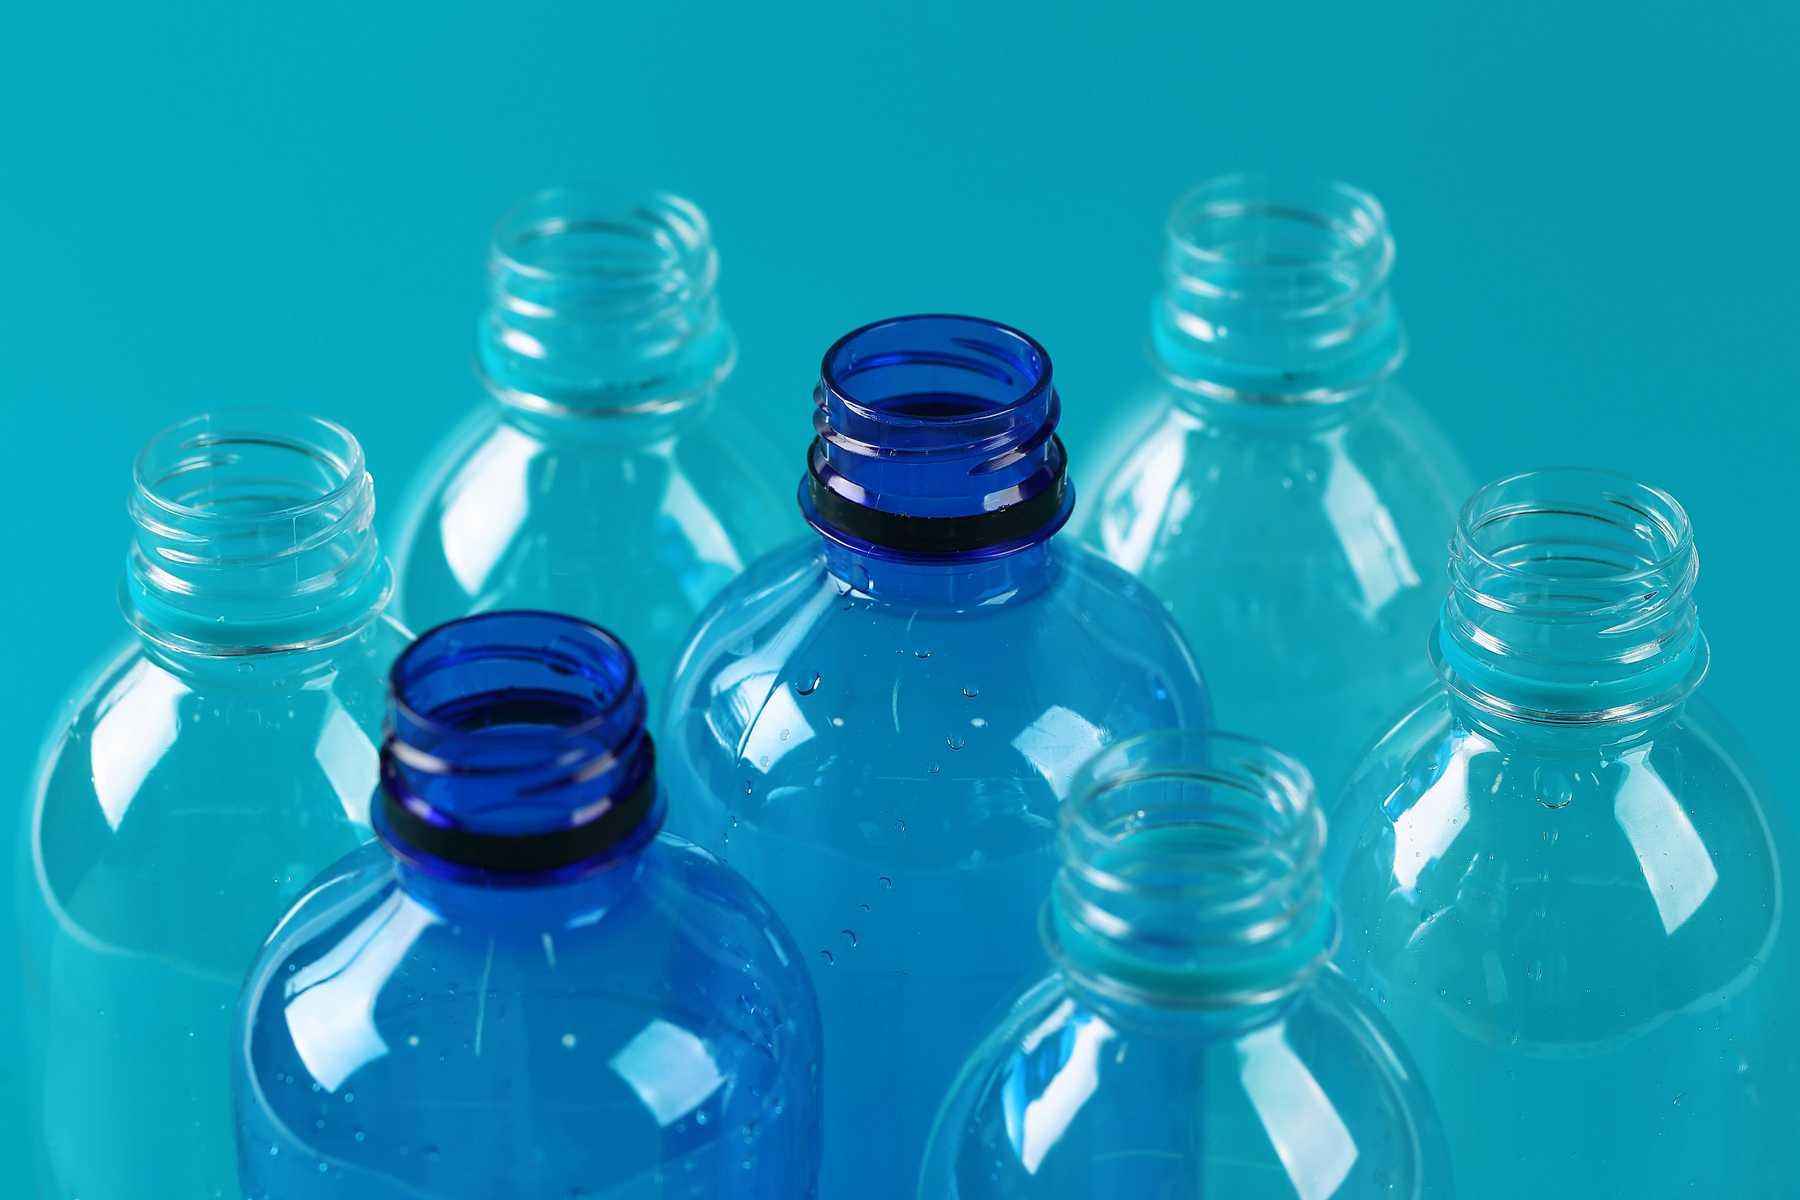 Пластиковые бутылки вред. Токсичные бутылочки. Бисфенол А. Пластик